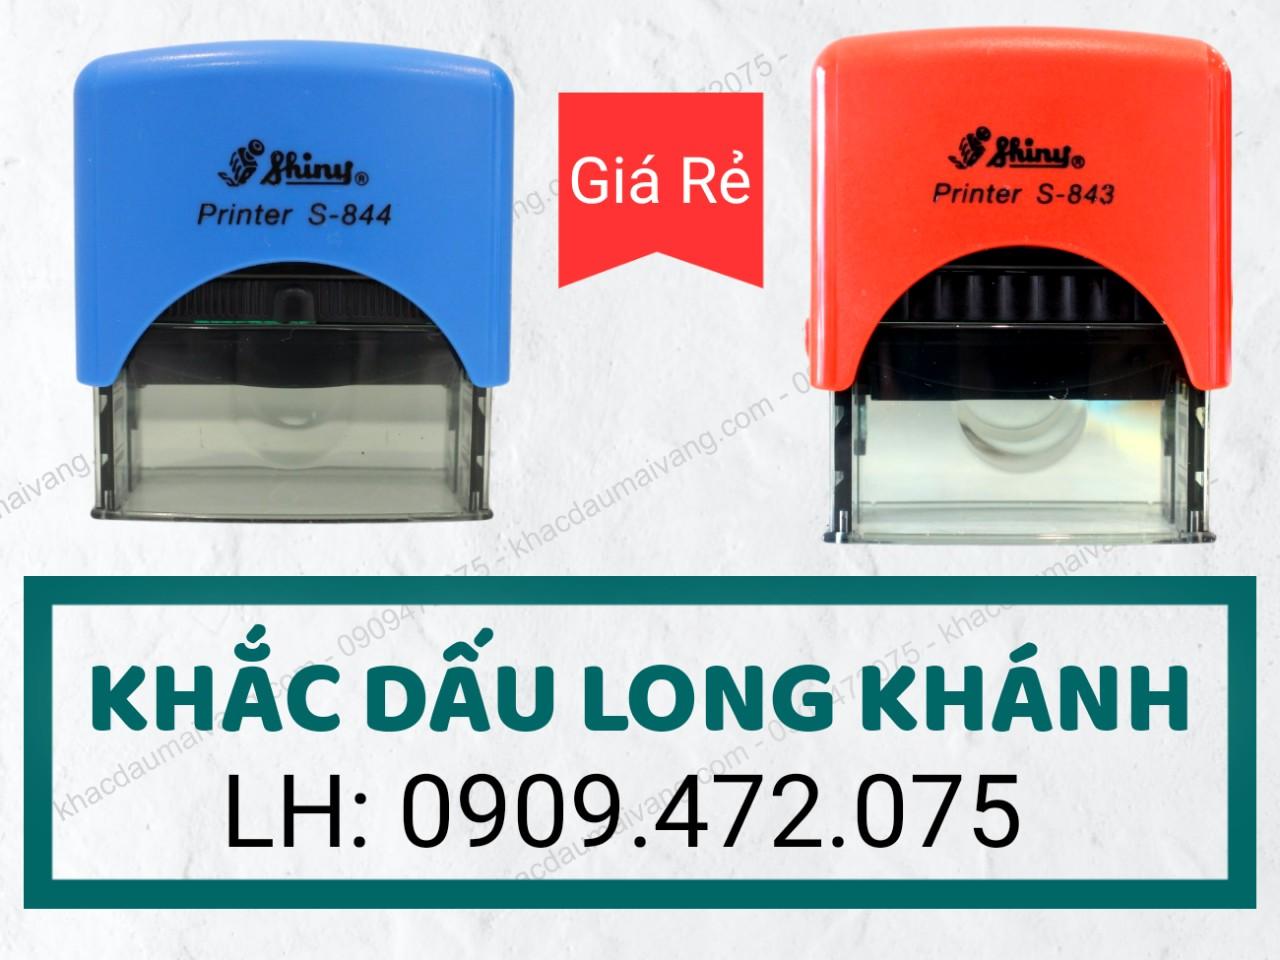 hiện tại Khắc Dấu Mai Vàng Là Chi Nhánh làm con dấu tại Long Khánh Đồng Nai giá rẻ, uy tín giao hàng nhanh trong ngày